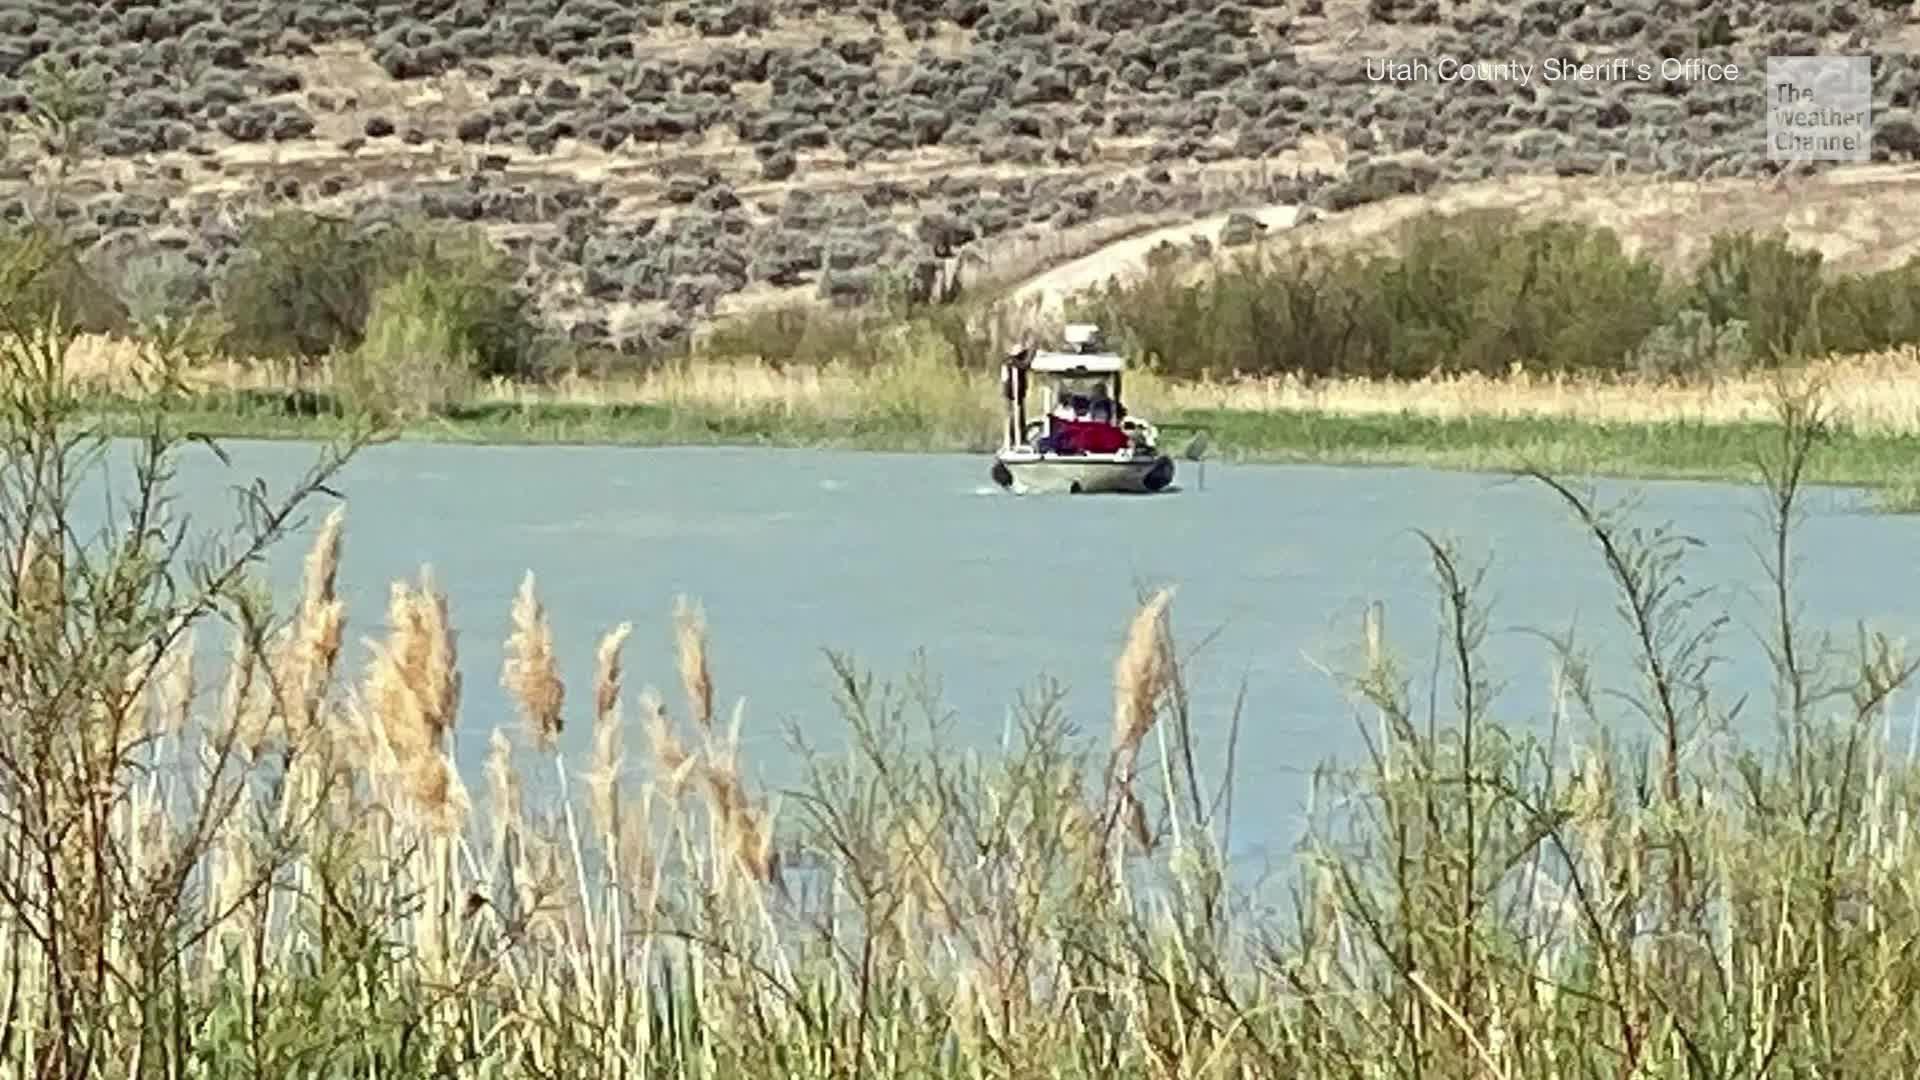 Dos adolescentes desaparecen tras paseo en flotadores | The ...